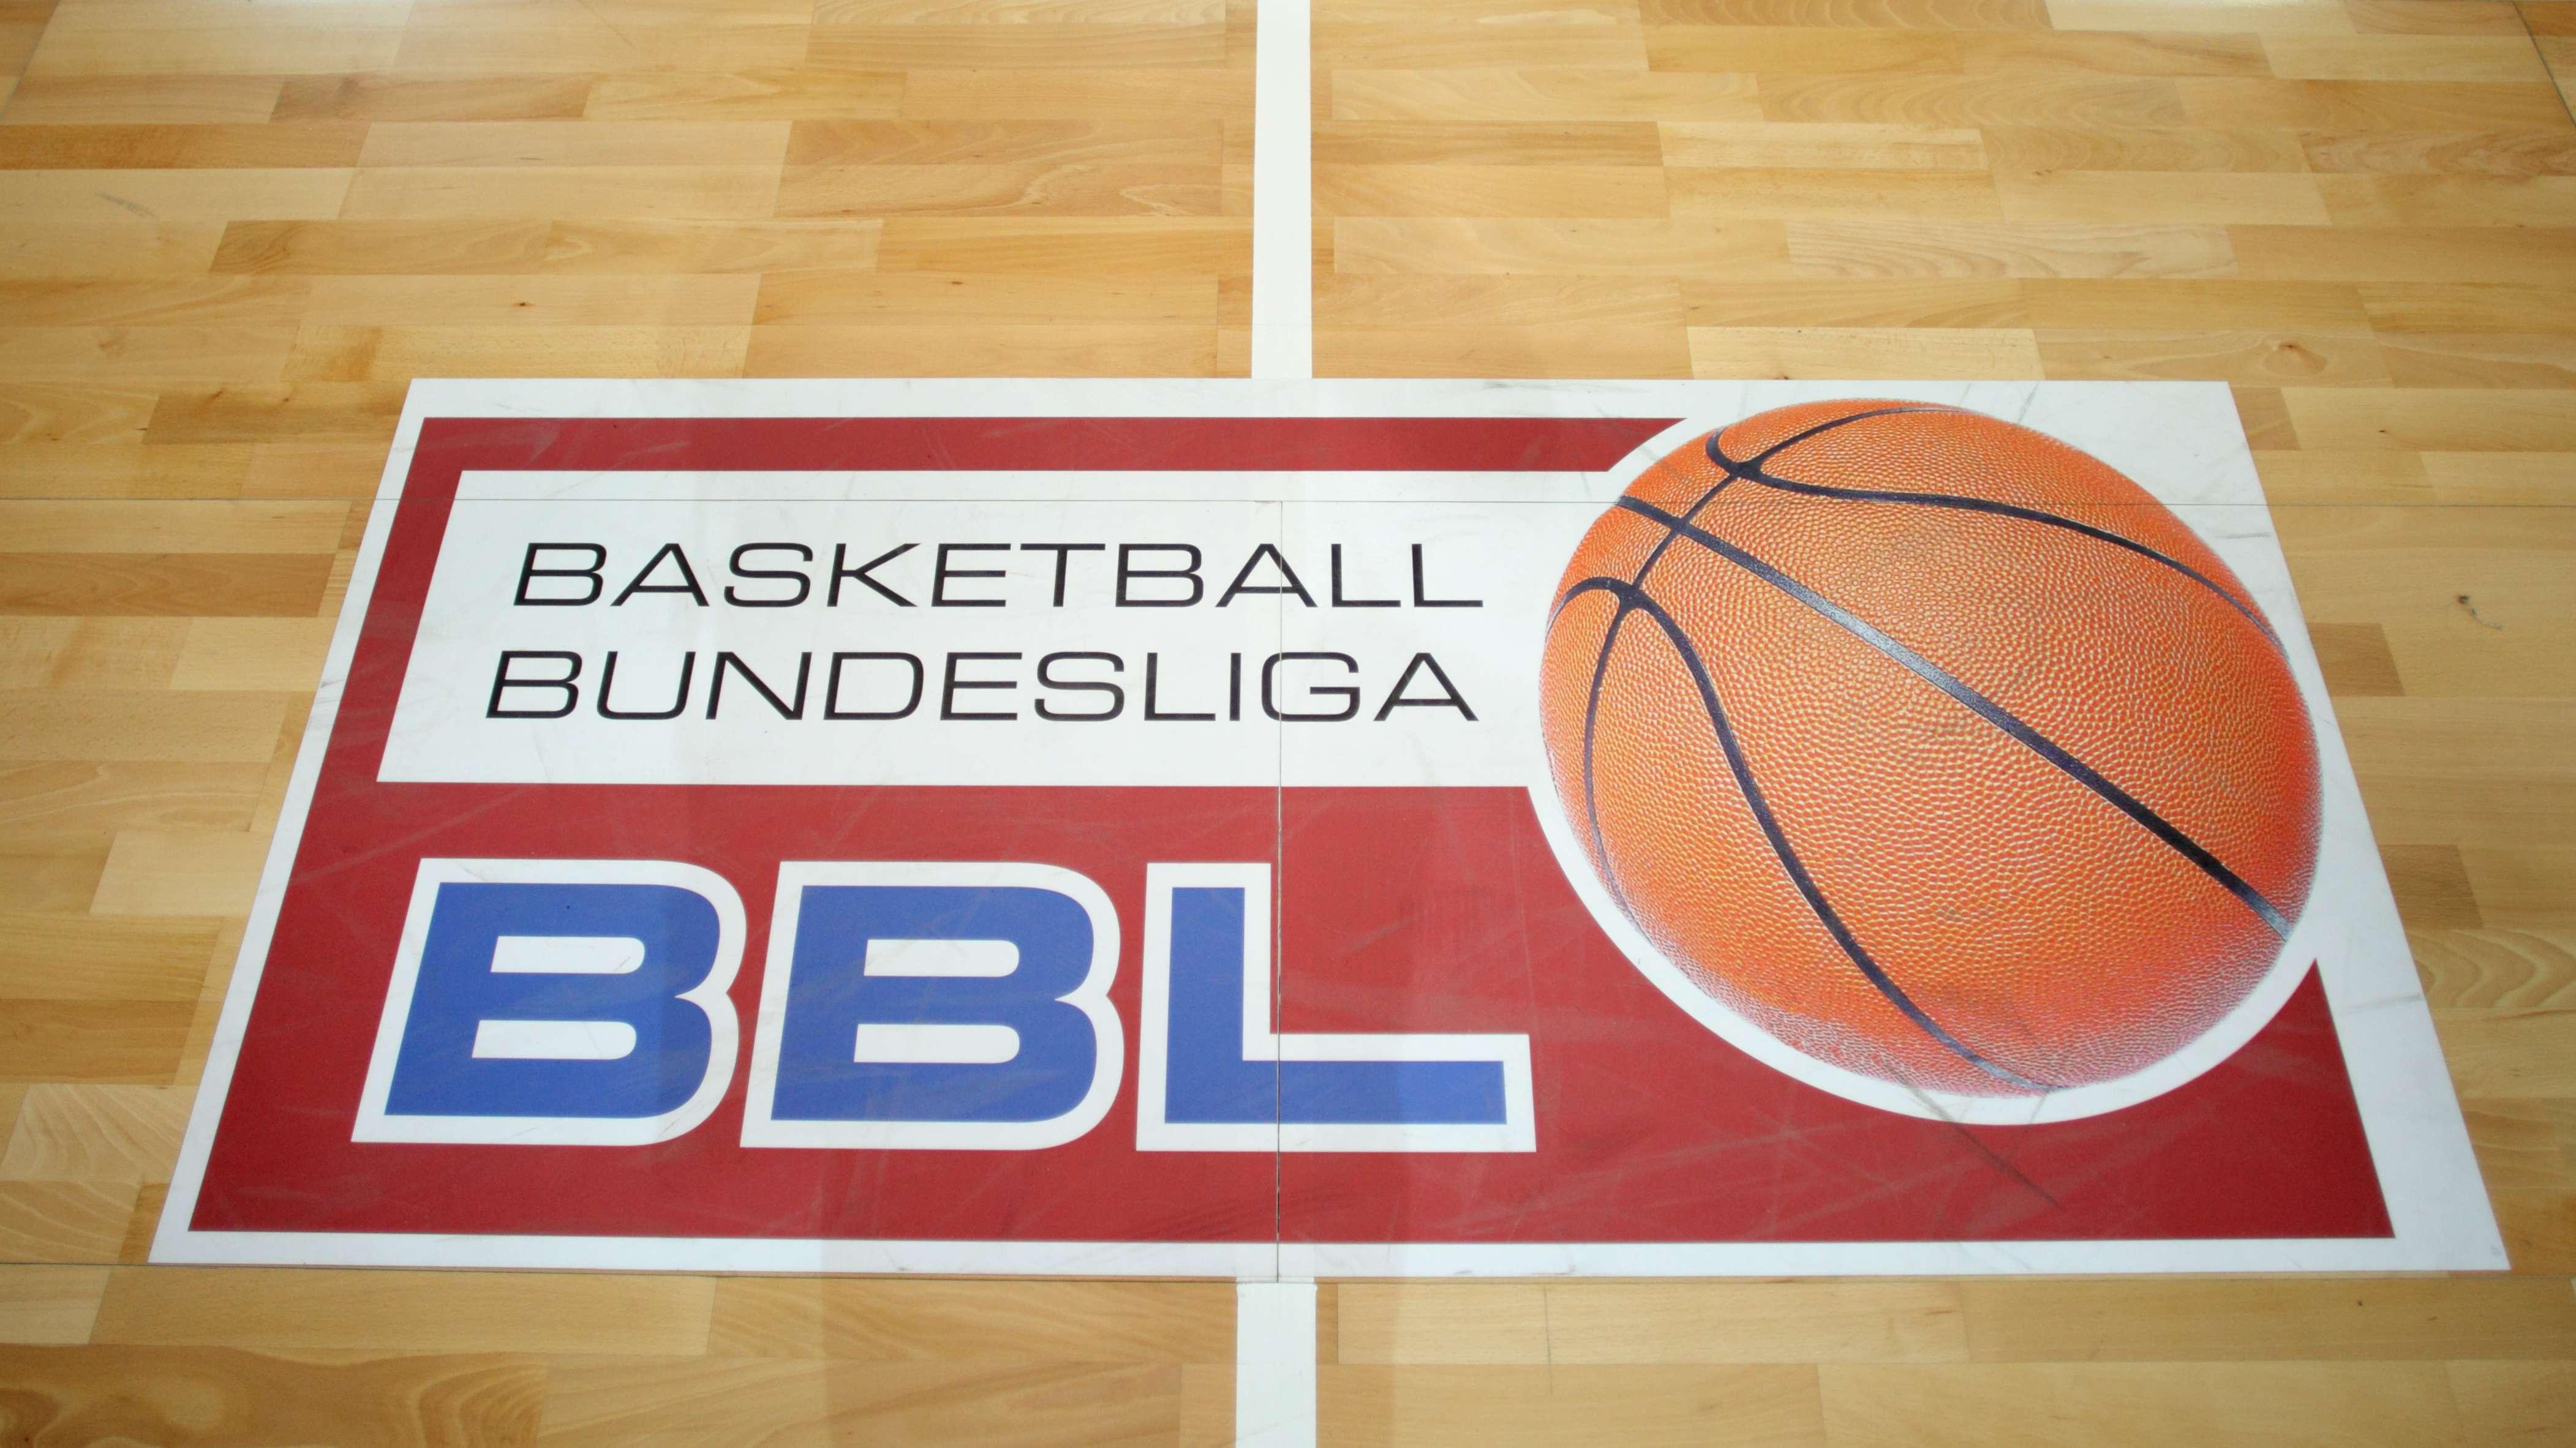 Basketball-Bundesliga BBL